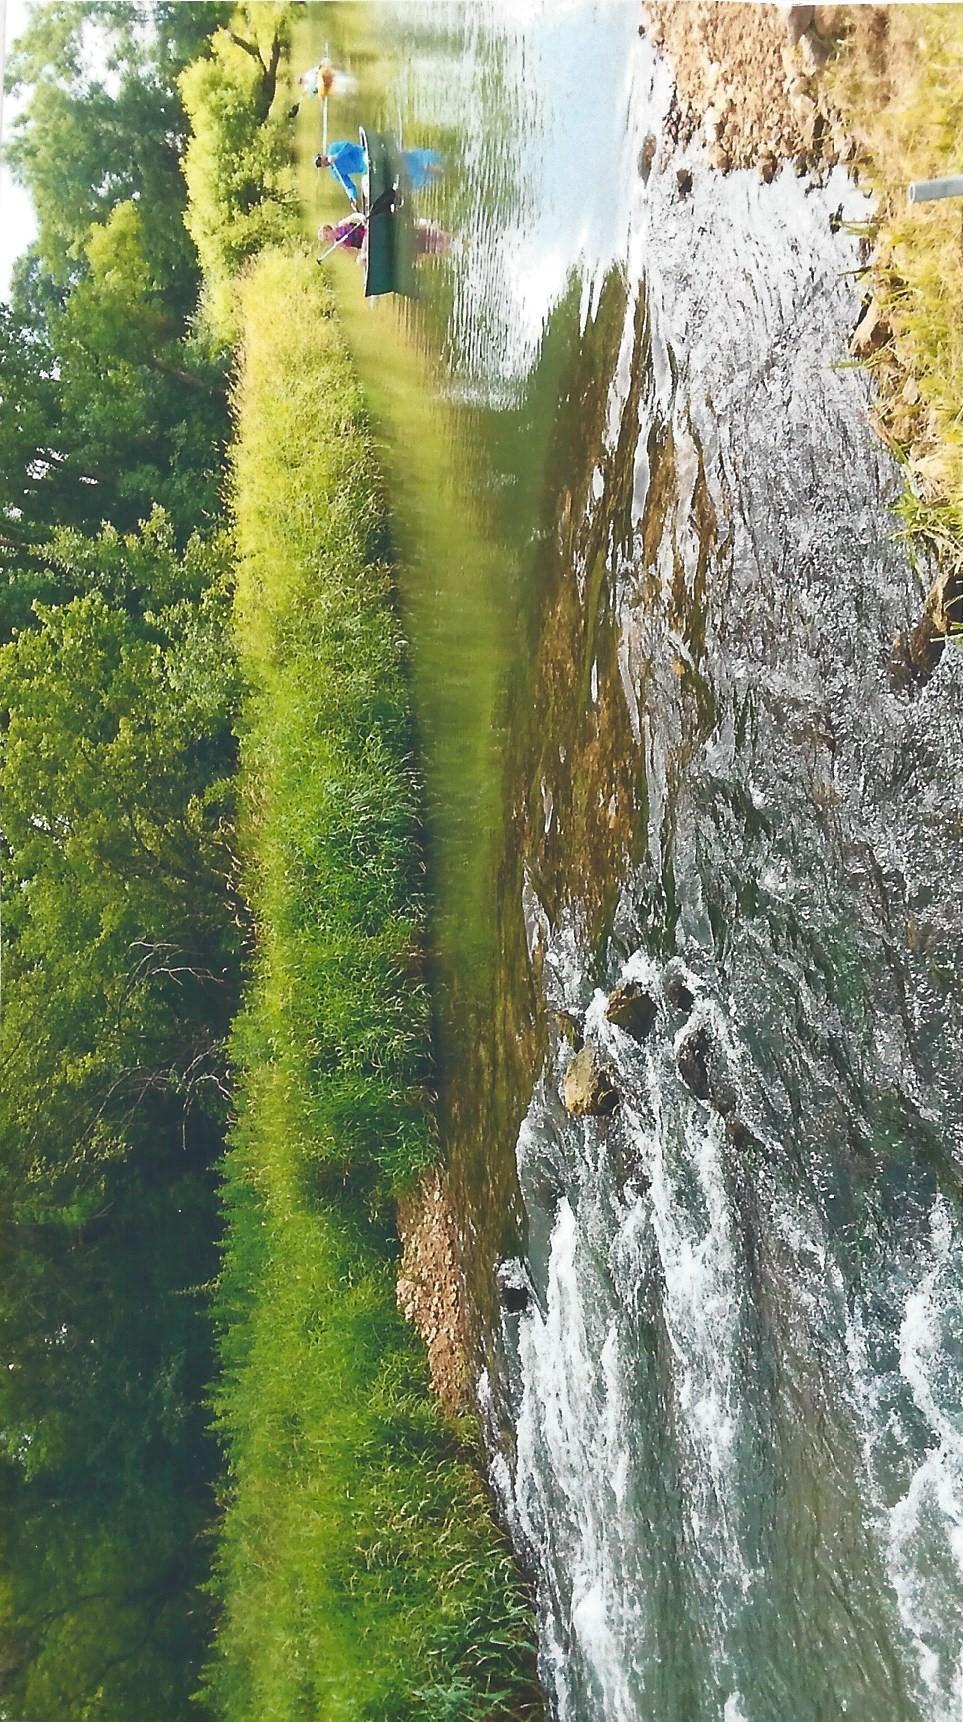 Kayaking the beautiful Little La Crosse River